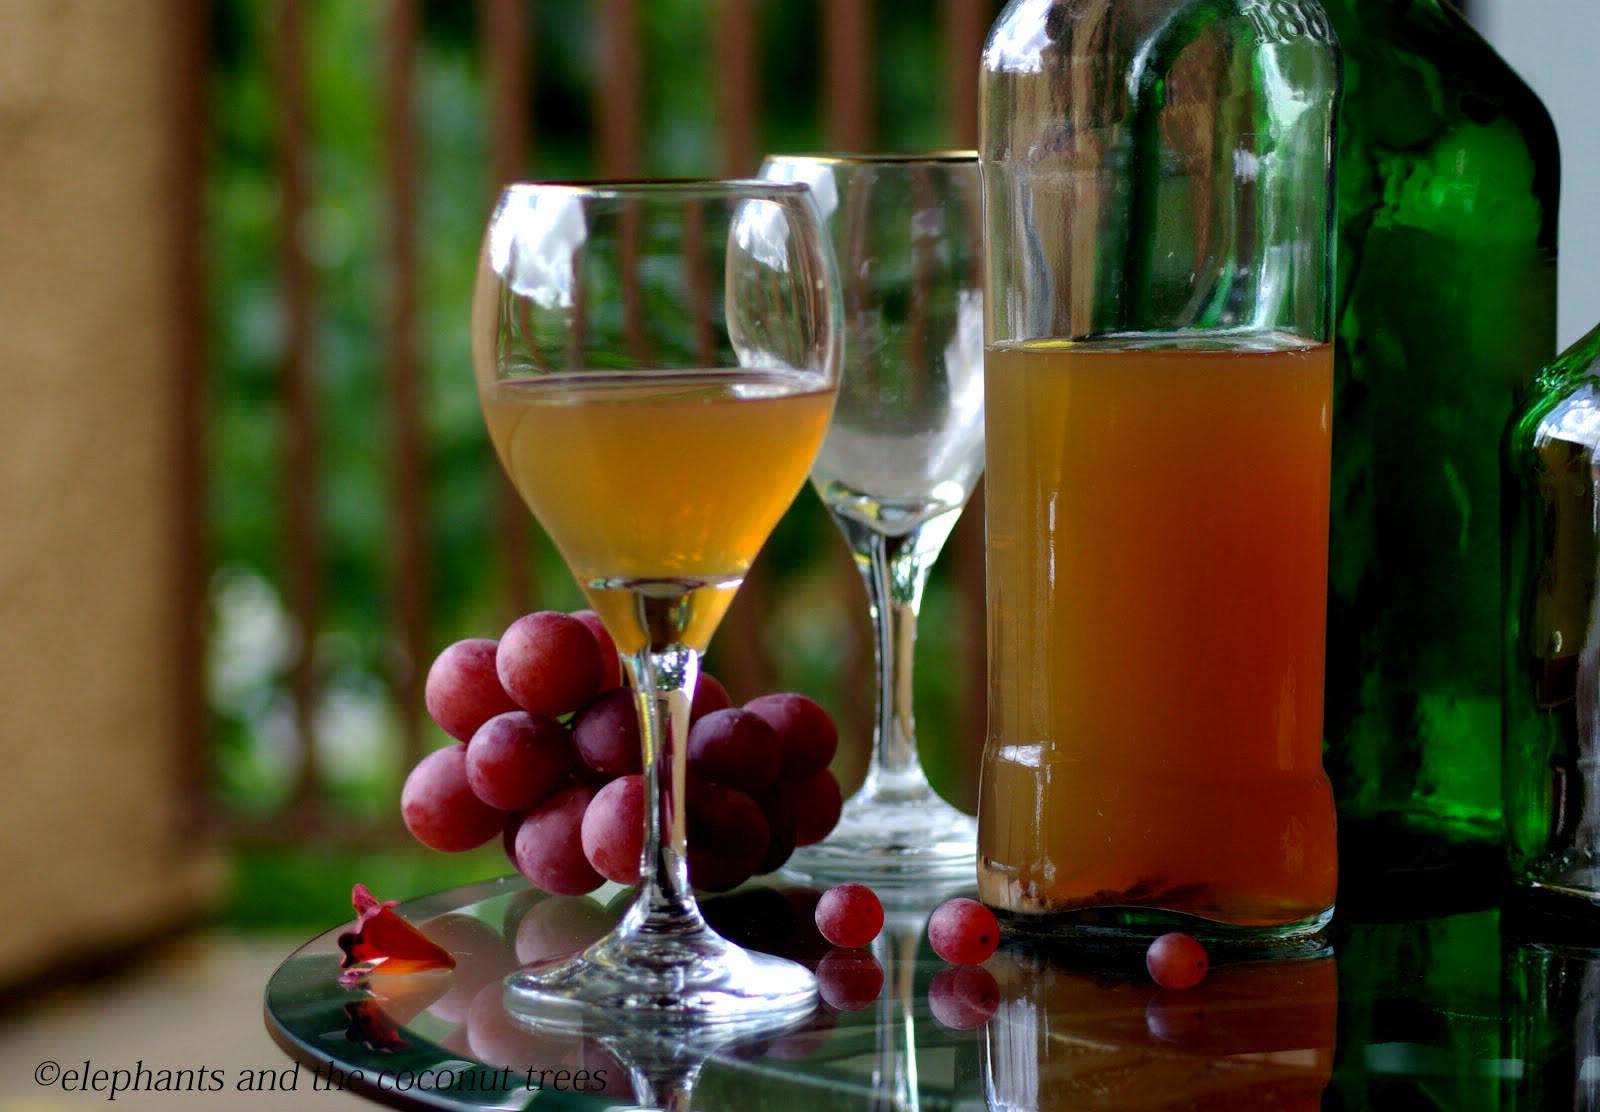 Tác dụng của rượu vang ngọt bạn nên biết